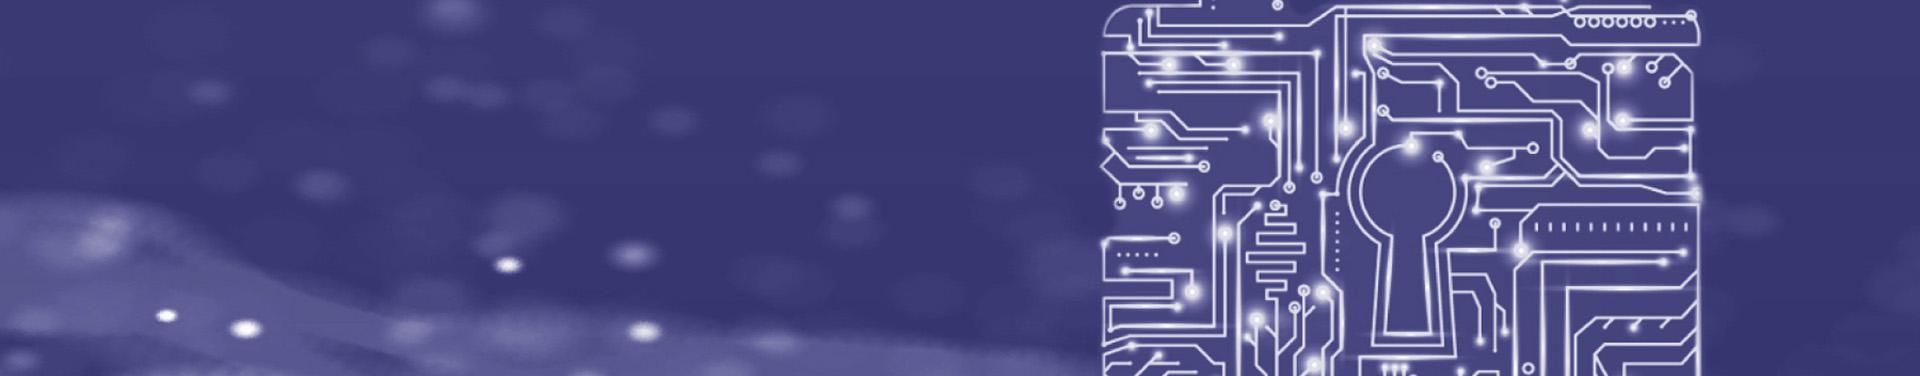 Keeping Australia Cyber Secure in 2021   Webinar 1 ...